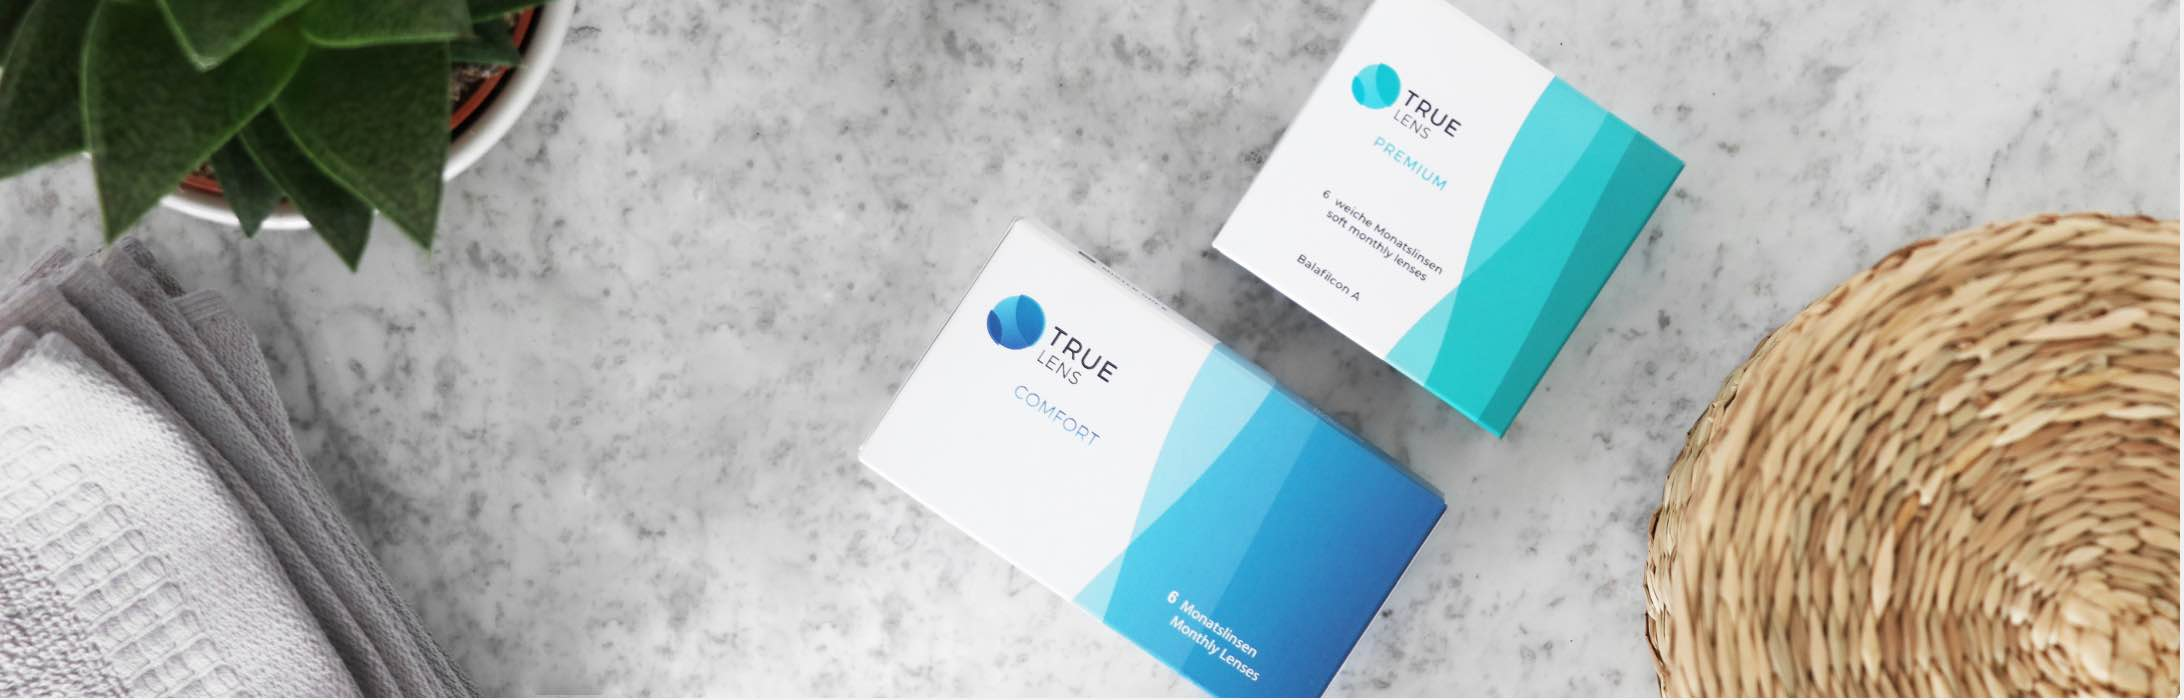 TrueLens - Monatslinsen